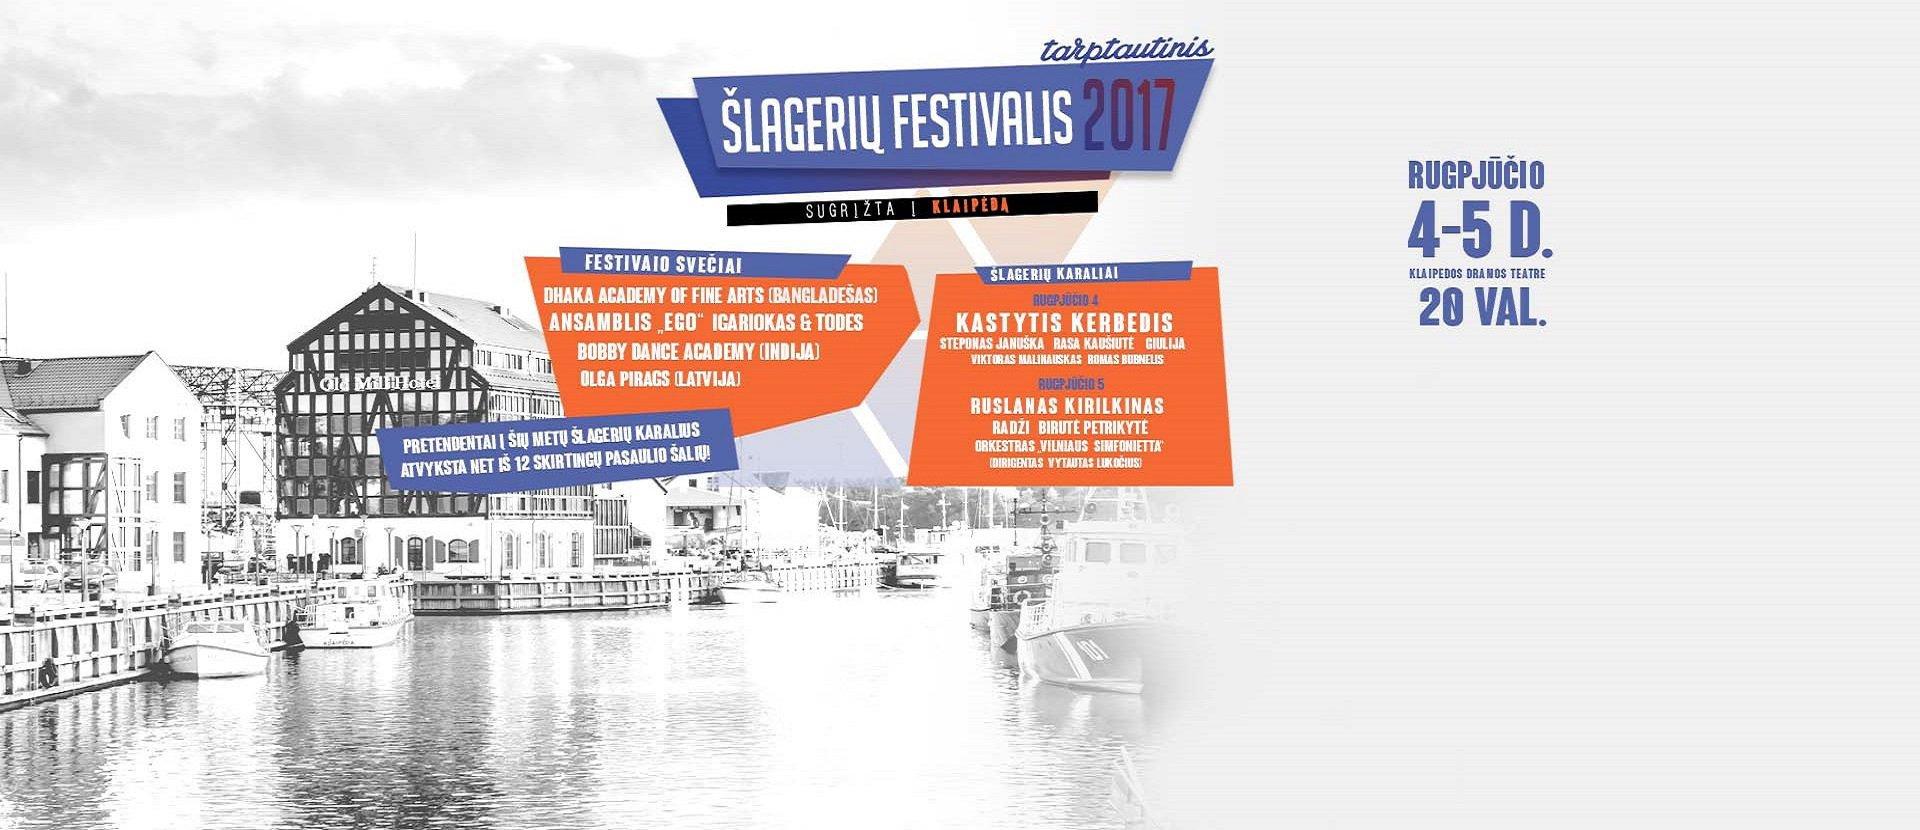 Tarptautinis Šlagerių Festivalis Klaipėda-2017